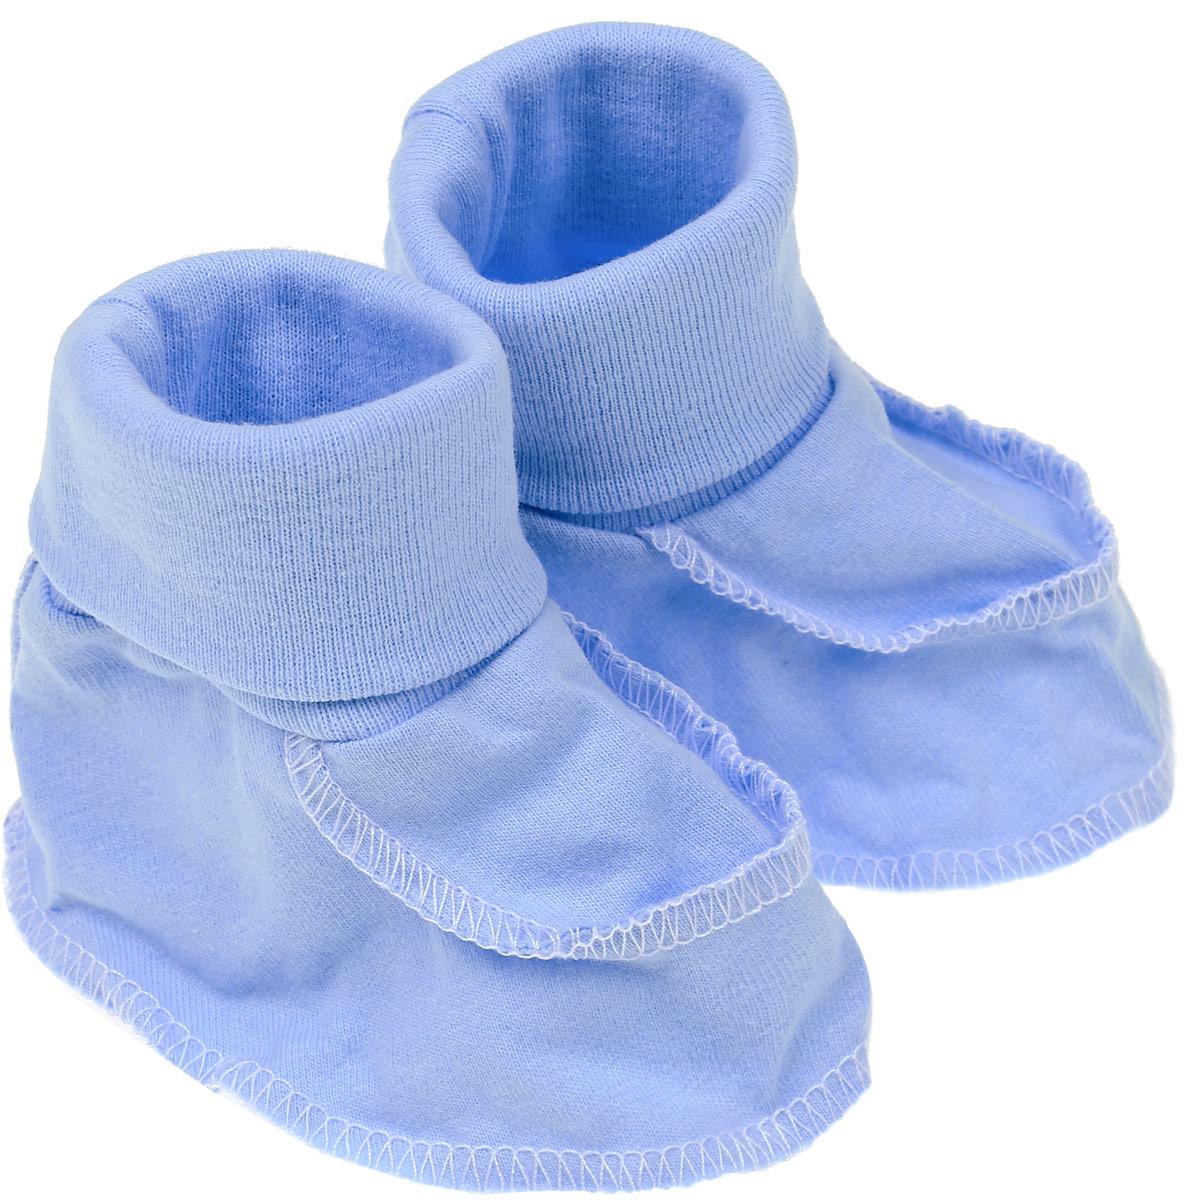 Пинетки Чудесные одежки, цвет: голубой. 5902. Размер 625902Пинетки Чудесные одежки изготовлены из натурального хлопка. Они не раздражают нежную кожу ребенка. Широкая эластичная резинке не стягивают ножки. Швы в пинетках выполнены на лицевую сторону.